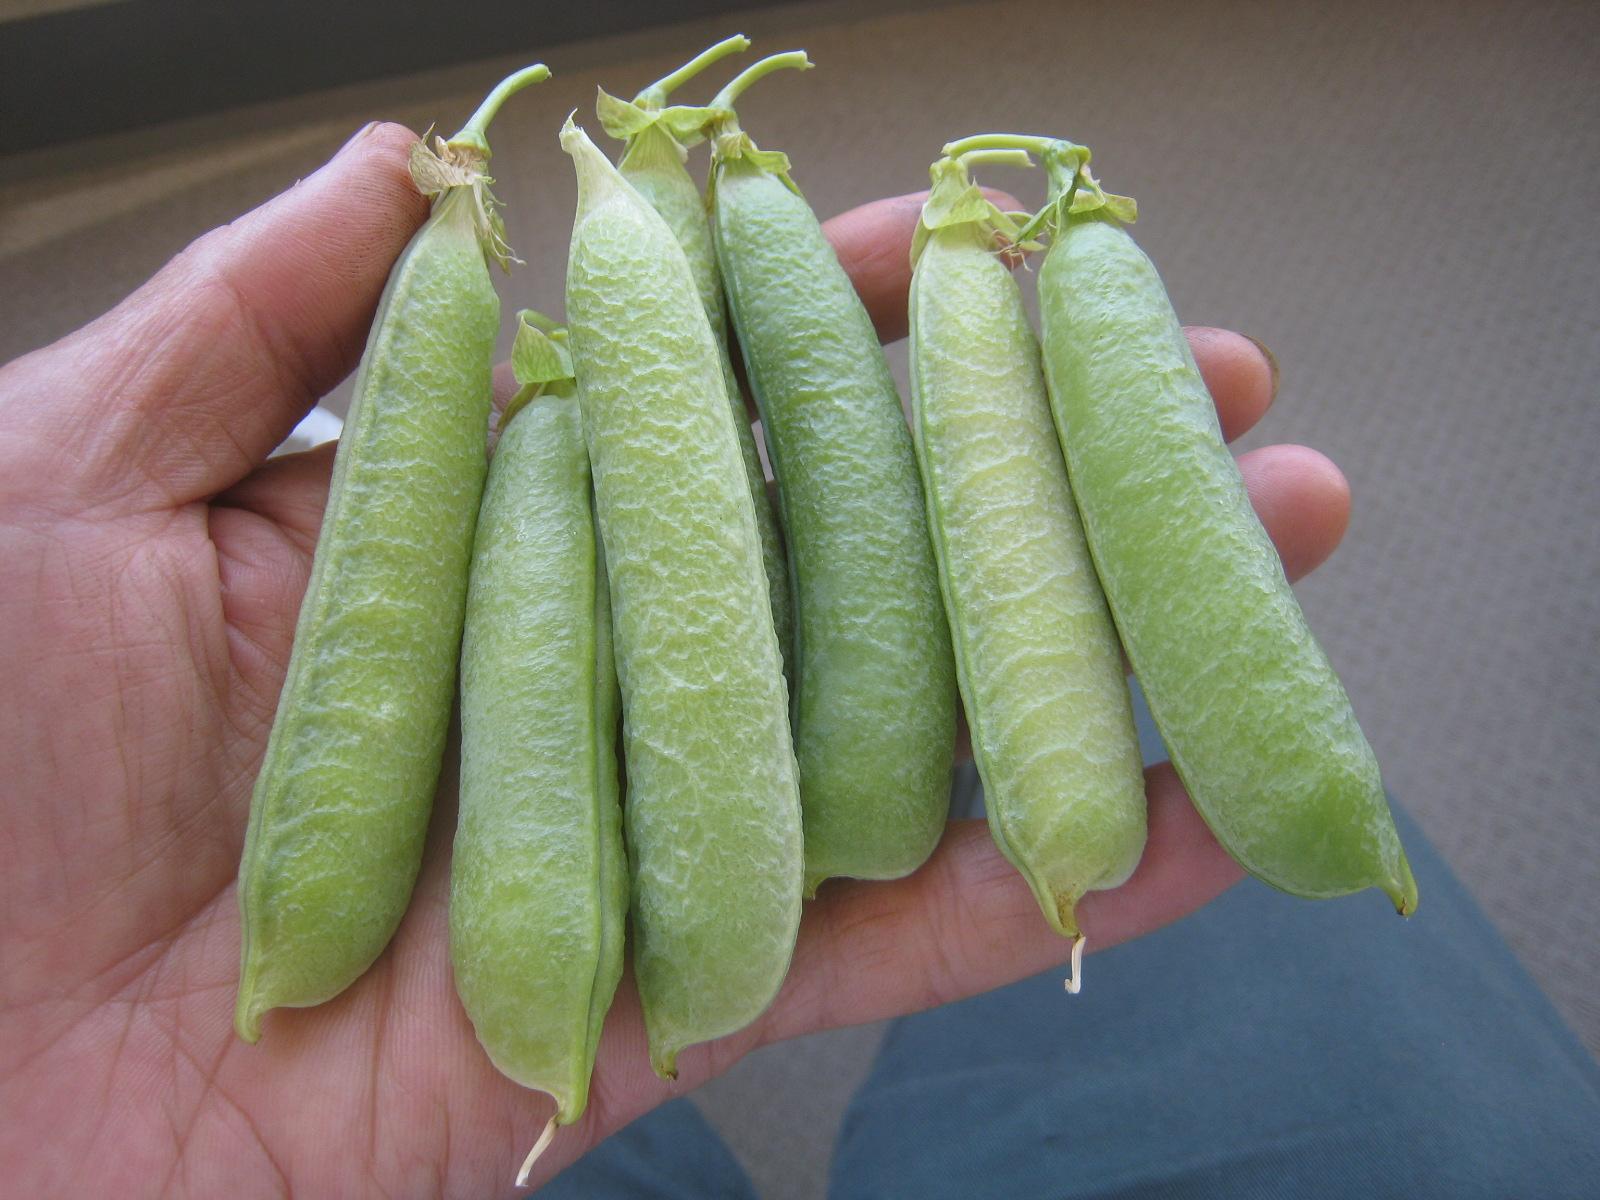 増えてきた収穫物を喰らう。_e0121558_22290513.jpg